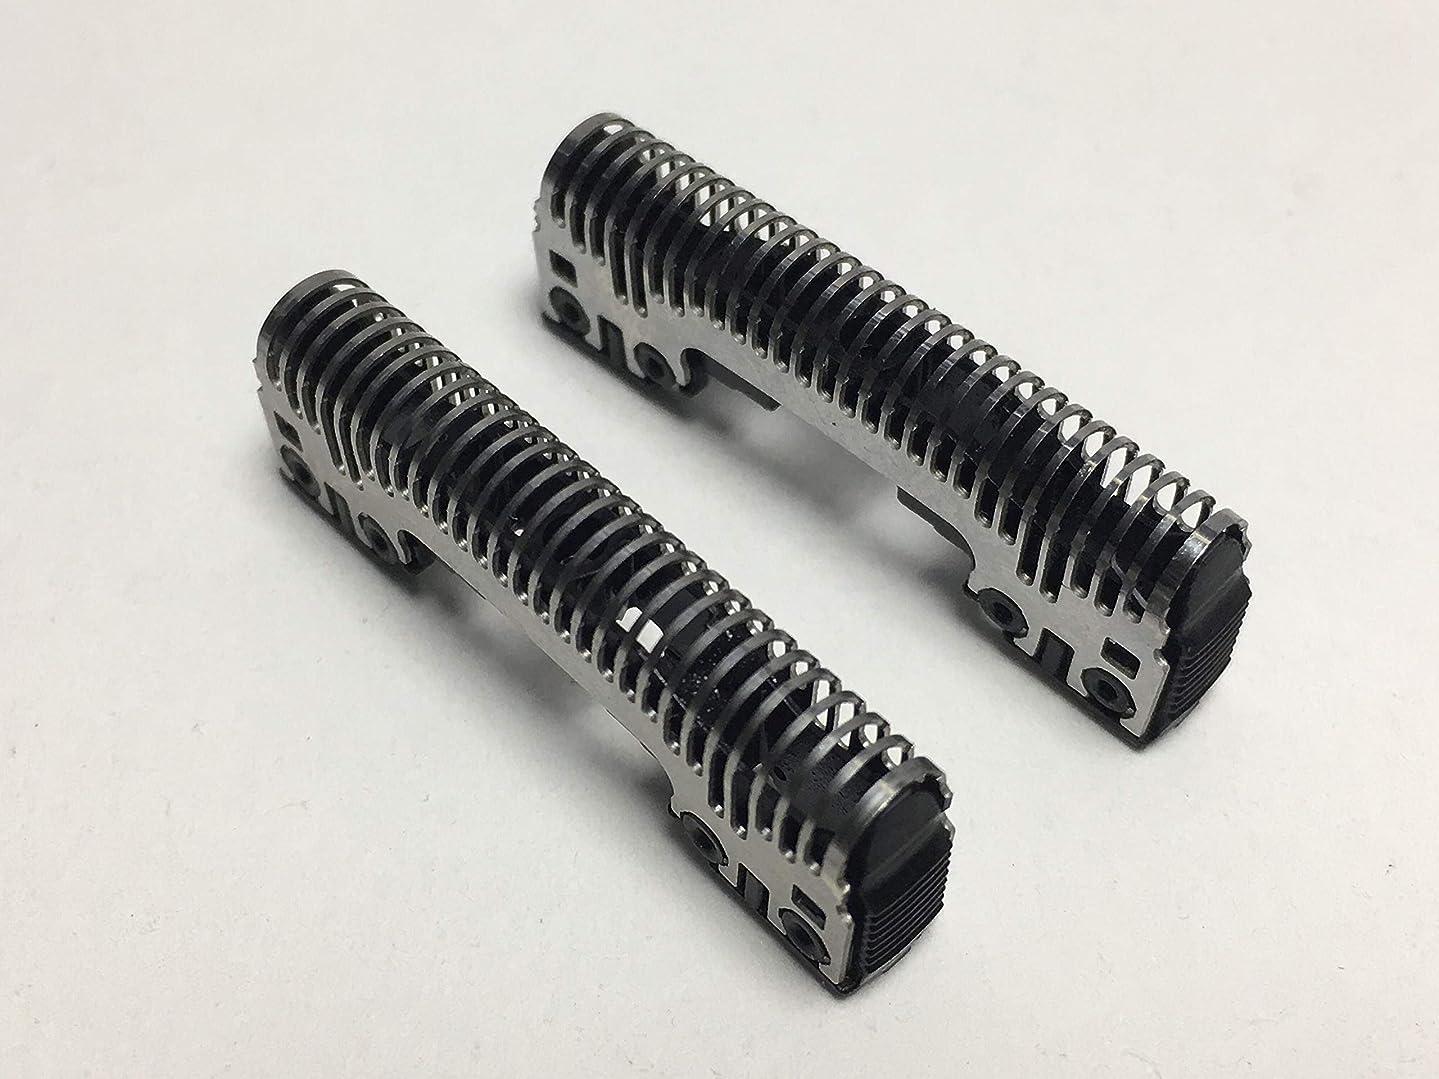 スチュワーデスバーゲン活気づける替刃 シェーバーヘッドバーバーブレード フィリップス Panasonic ES-LA10 ES-LA12 ES-LA30 ES-LA50 ES-LA52 ES-LA54 ES-LA62 ES-LT2A ES-LT5A Shaver Razor head Blade